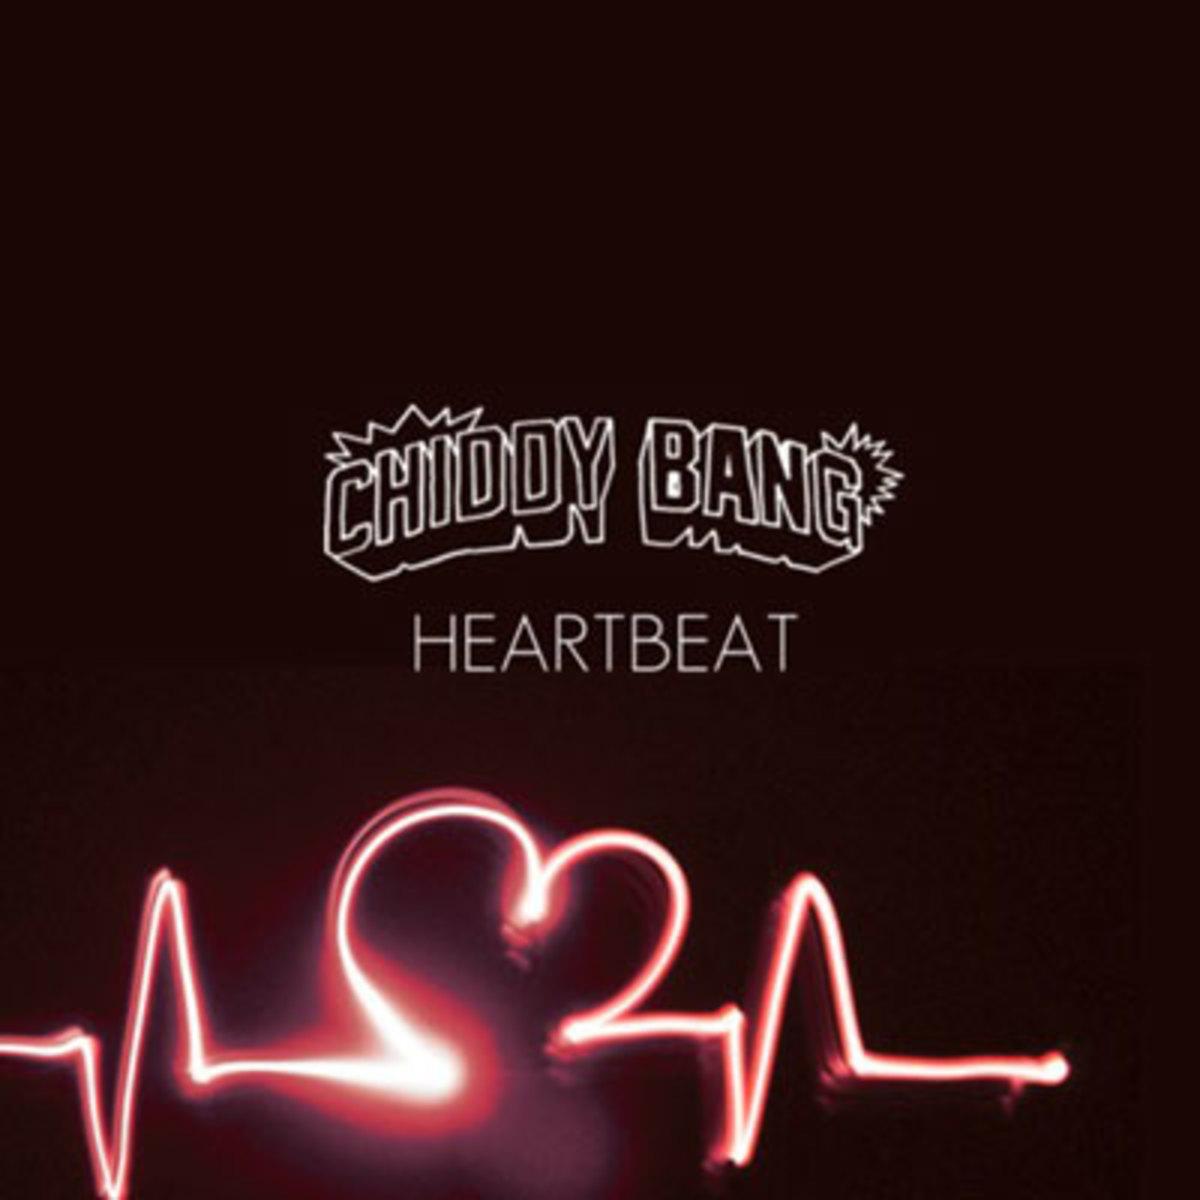 chiddybang-heartbeat.jpg